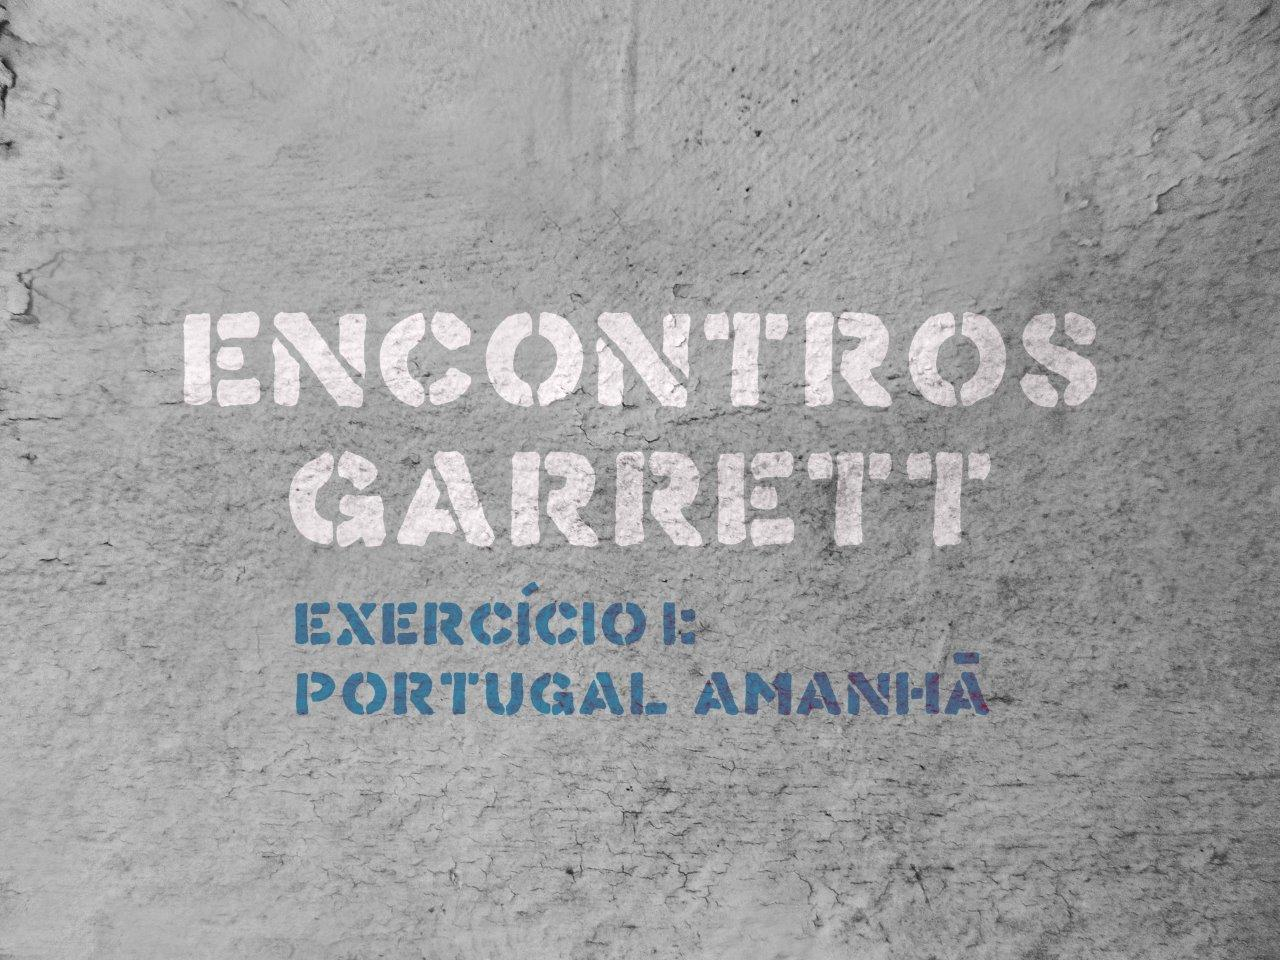 Encontros Garrett - Portugal amanhã